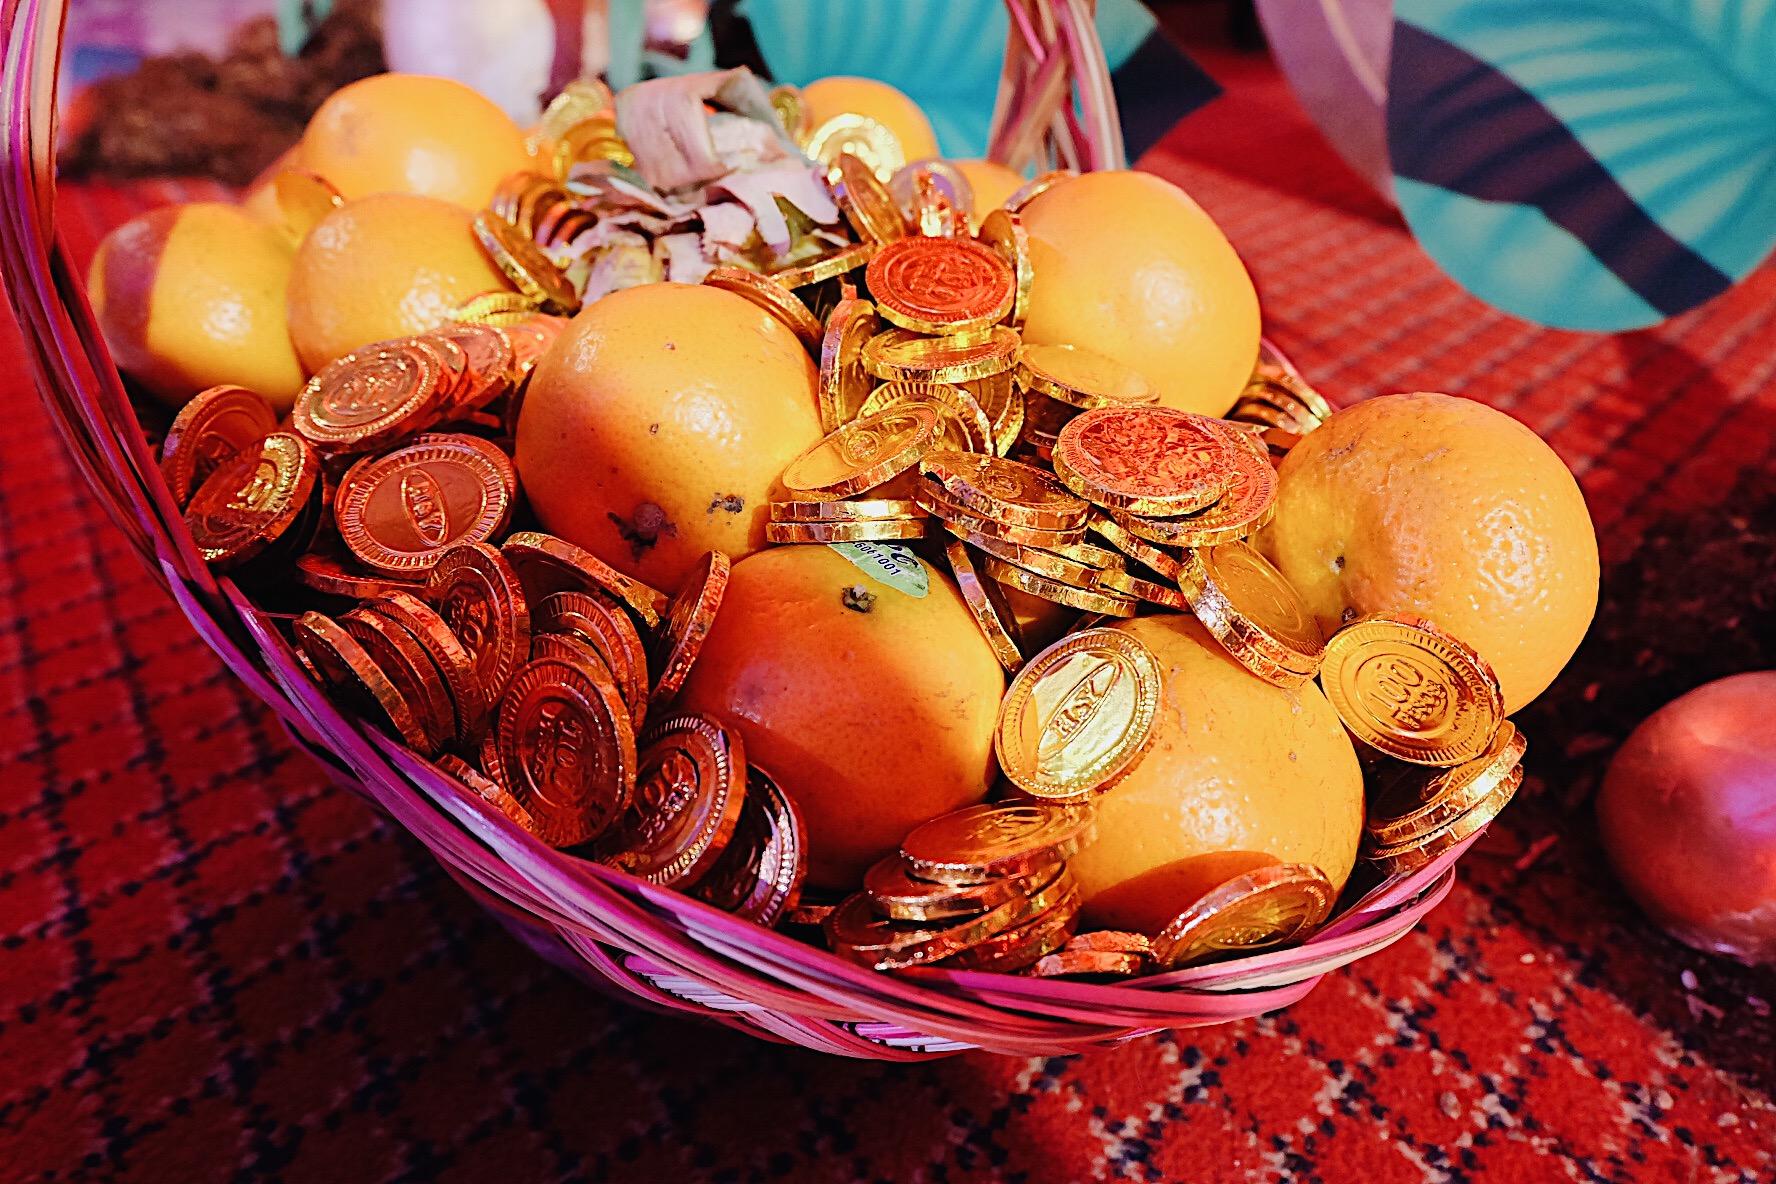 Chinese New Year at Cebu Waterfront Hotel and Casino - iamkimcharlie04